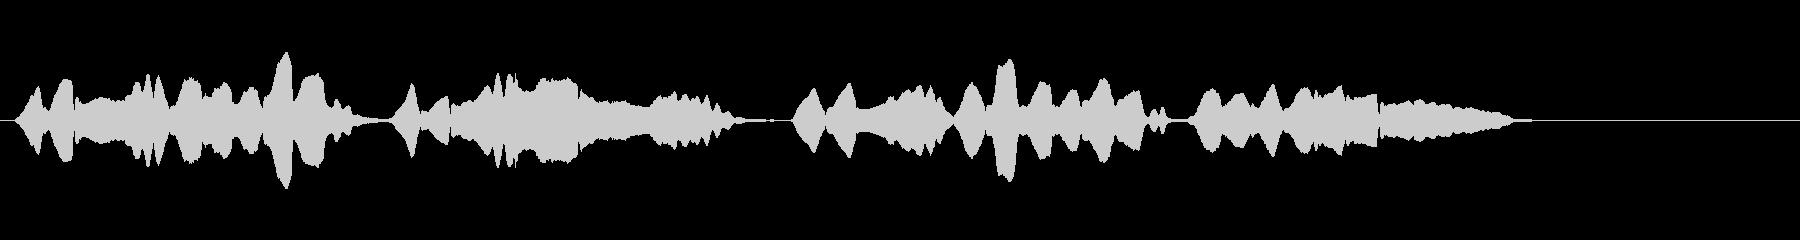 童謡『赤とんぼ』のハーモニカ・ソロの未再生の波形